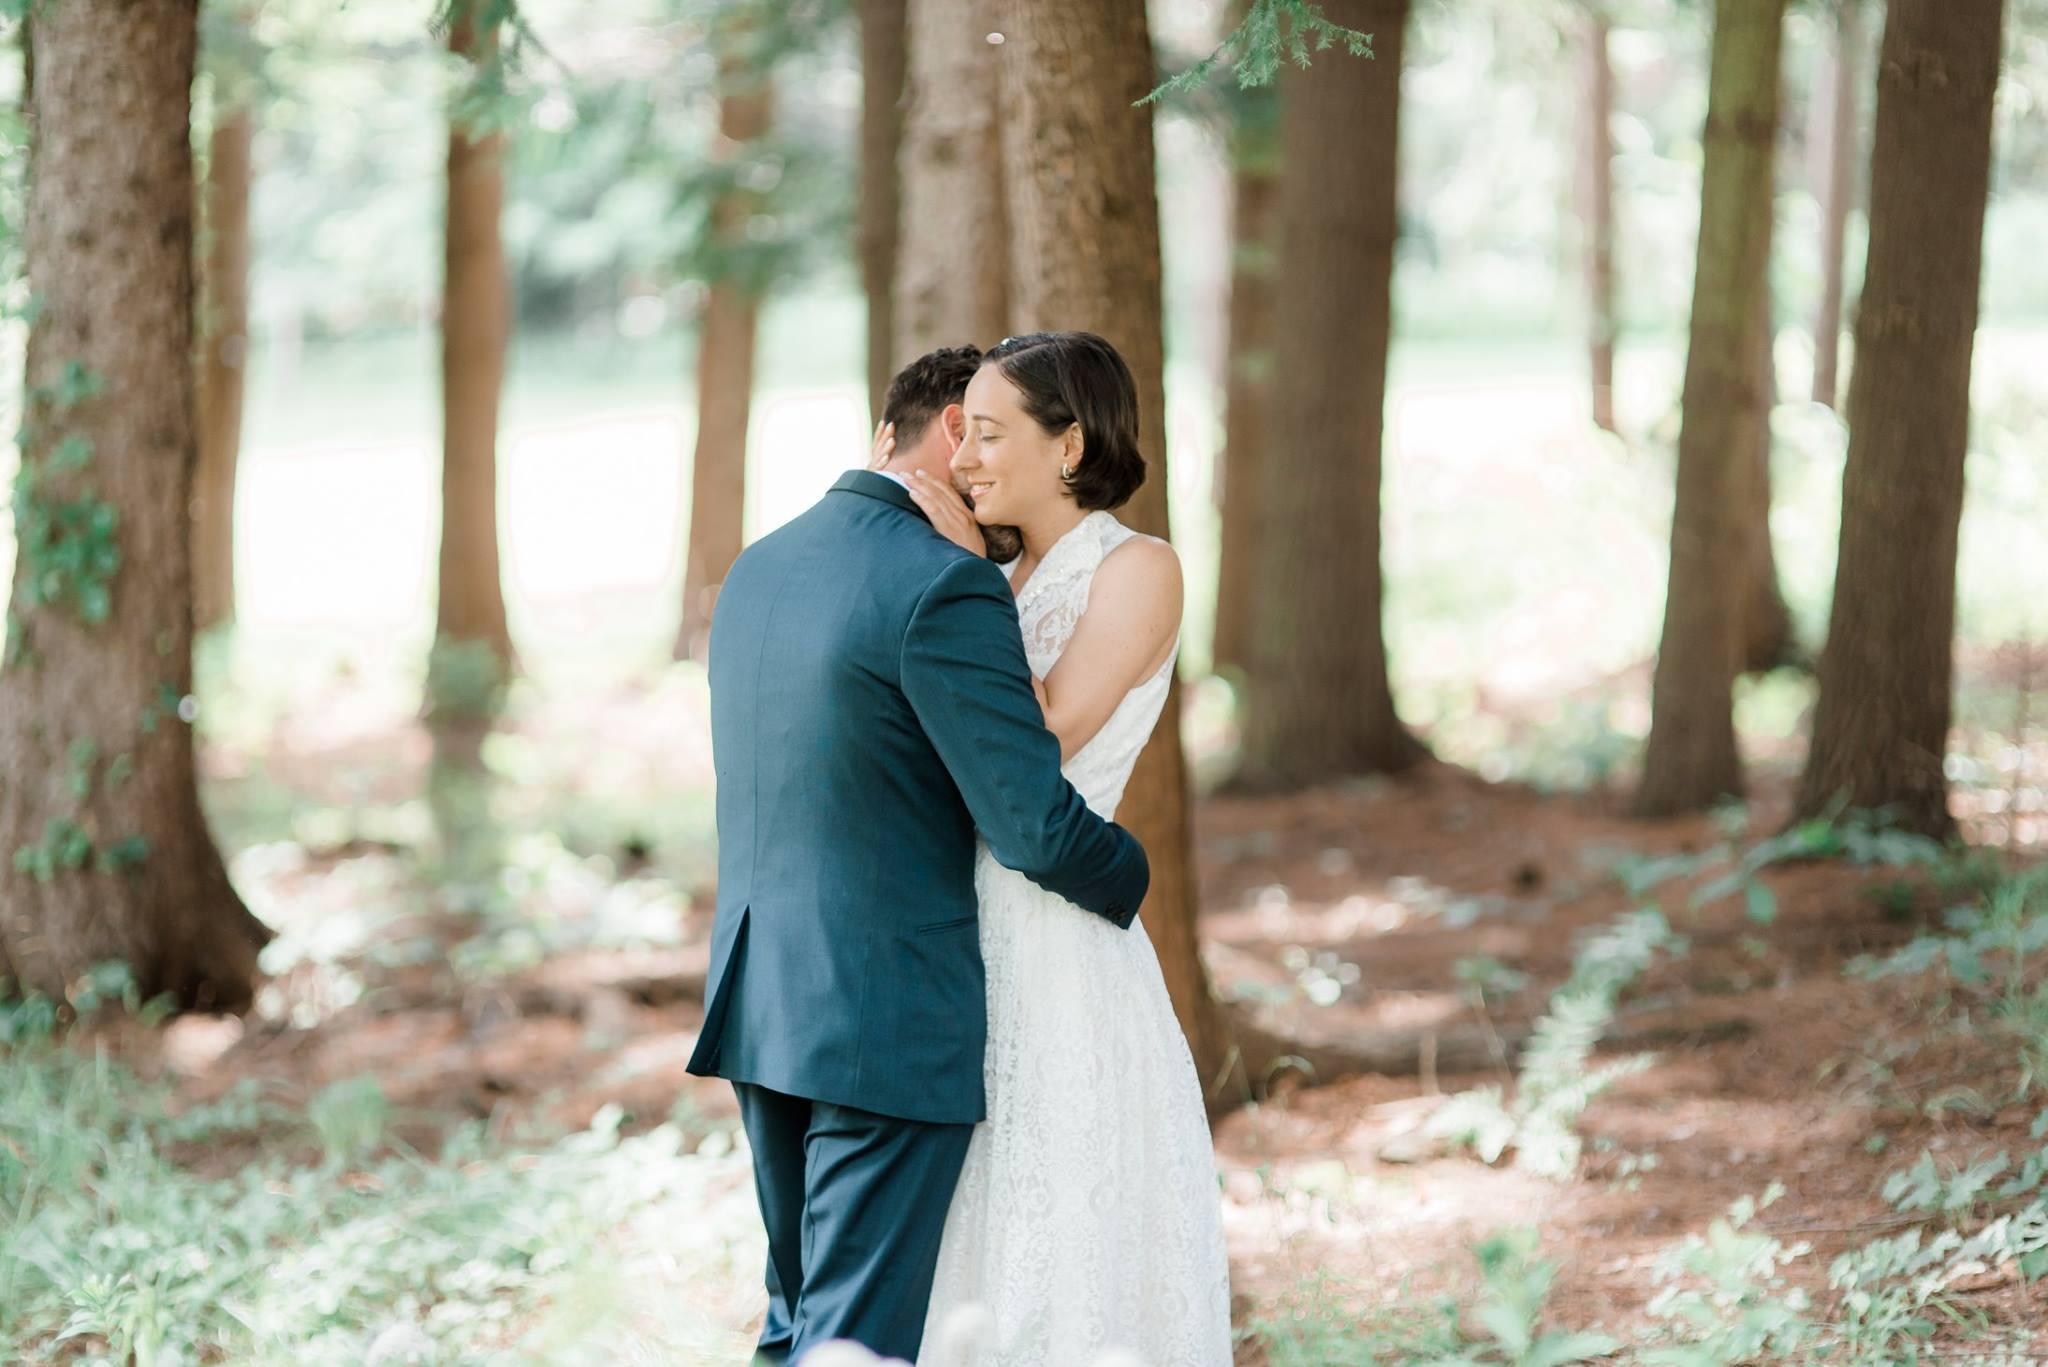 backyard-farm-barn-mountaintop-pennsylvania-wedding-0010.jpg